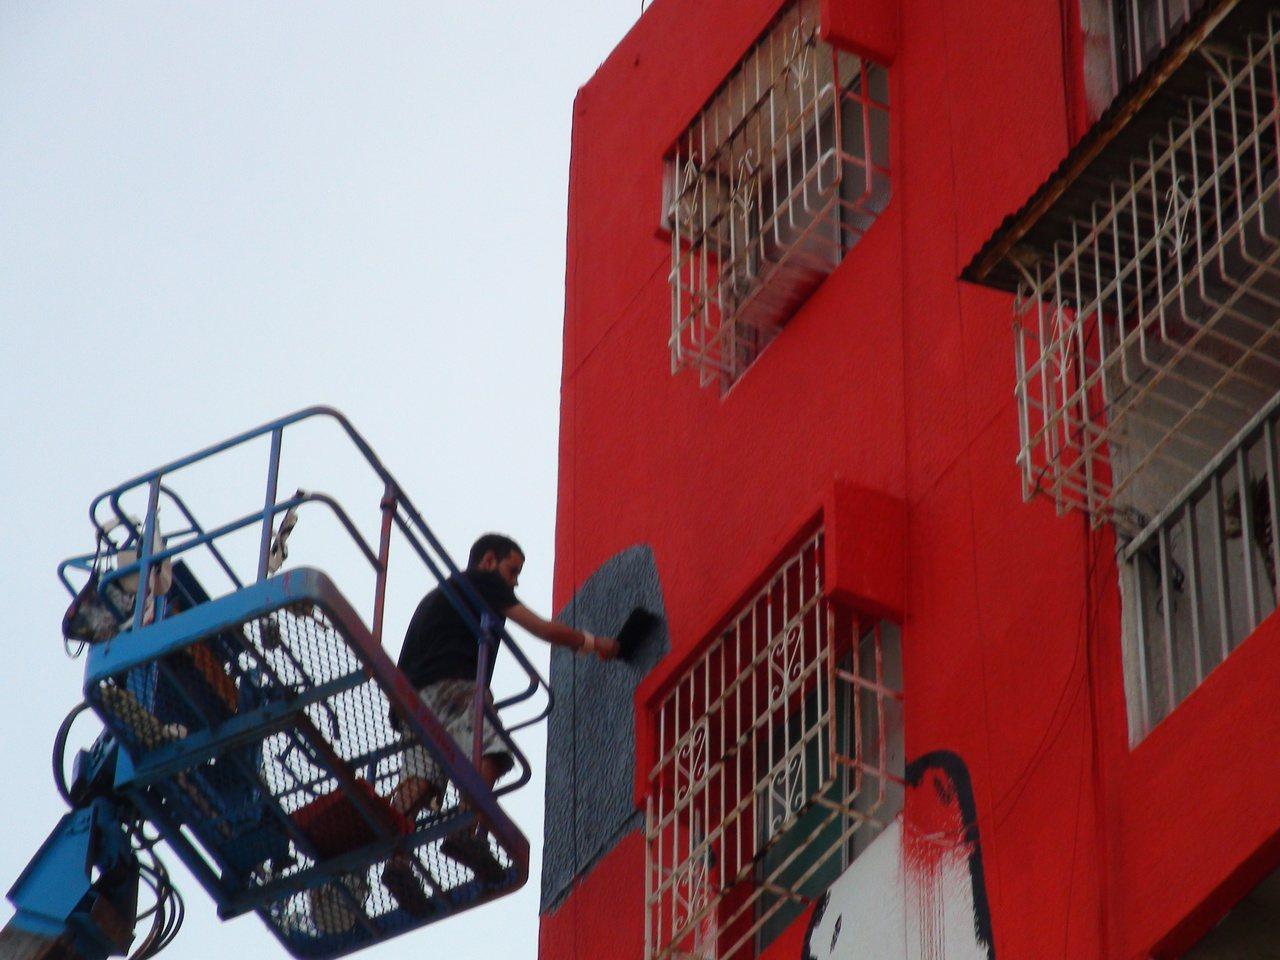 高雄市衛武營彩繪村有不少外籍畫家在高樓作畫。記者謝梅芬/攝影